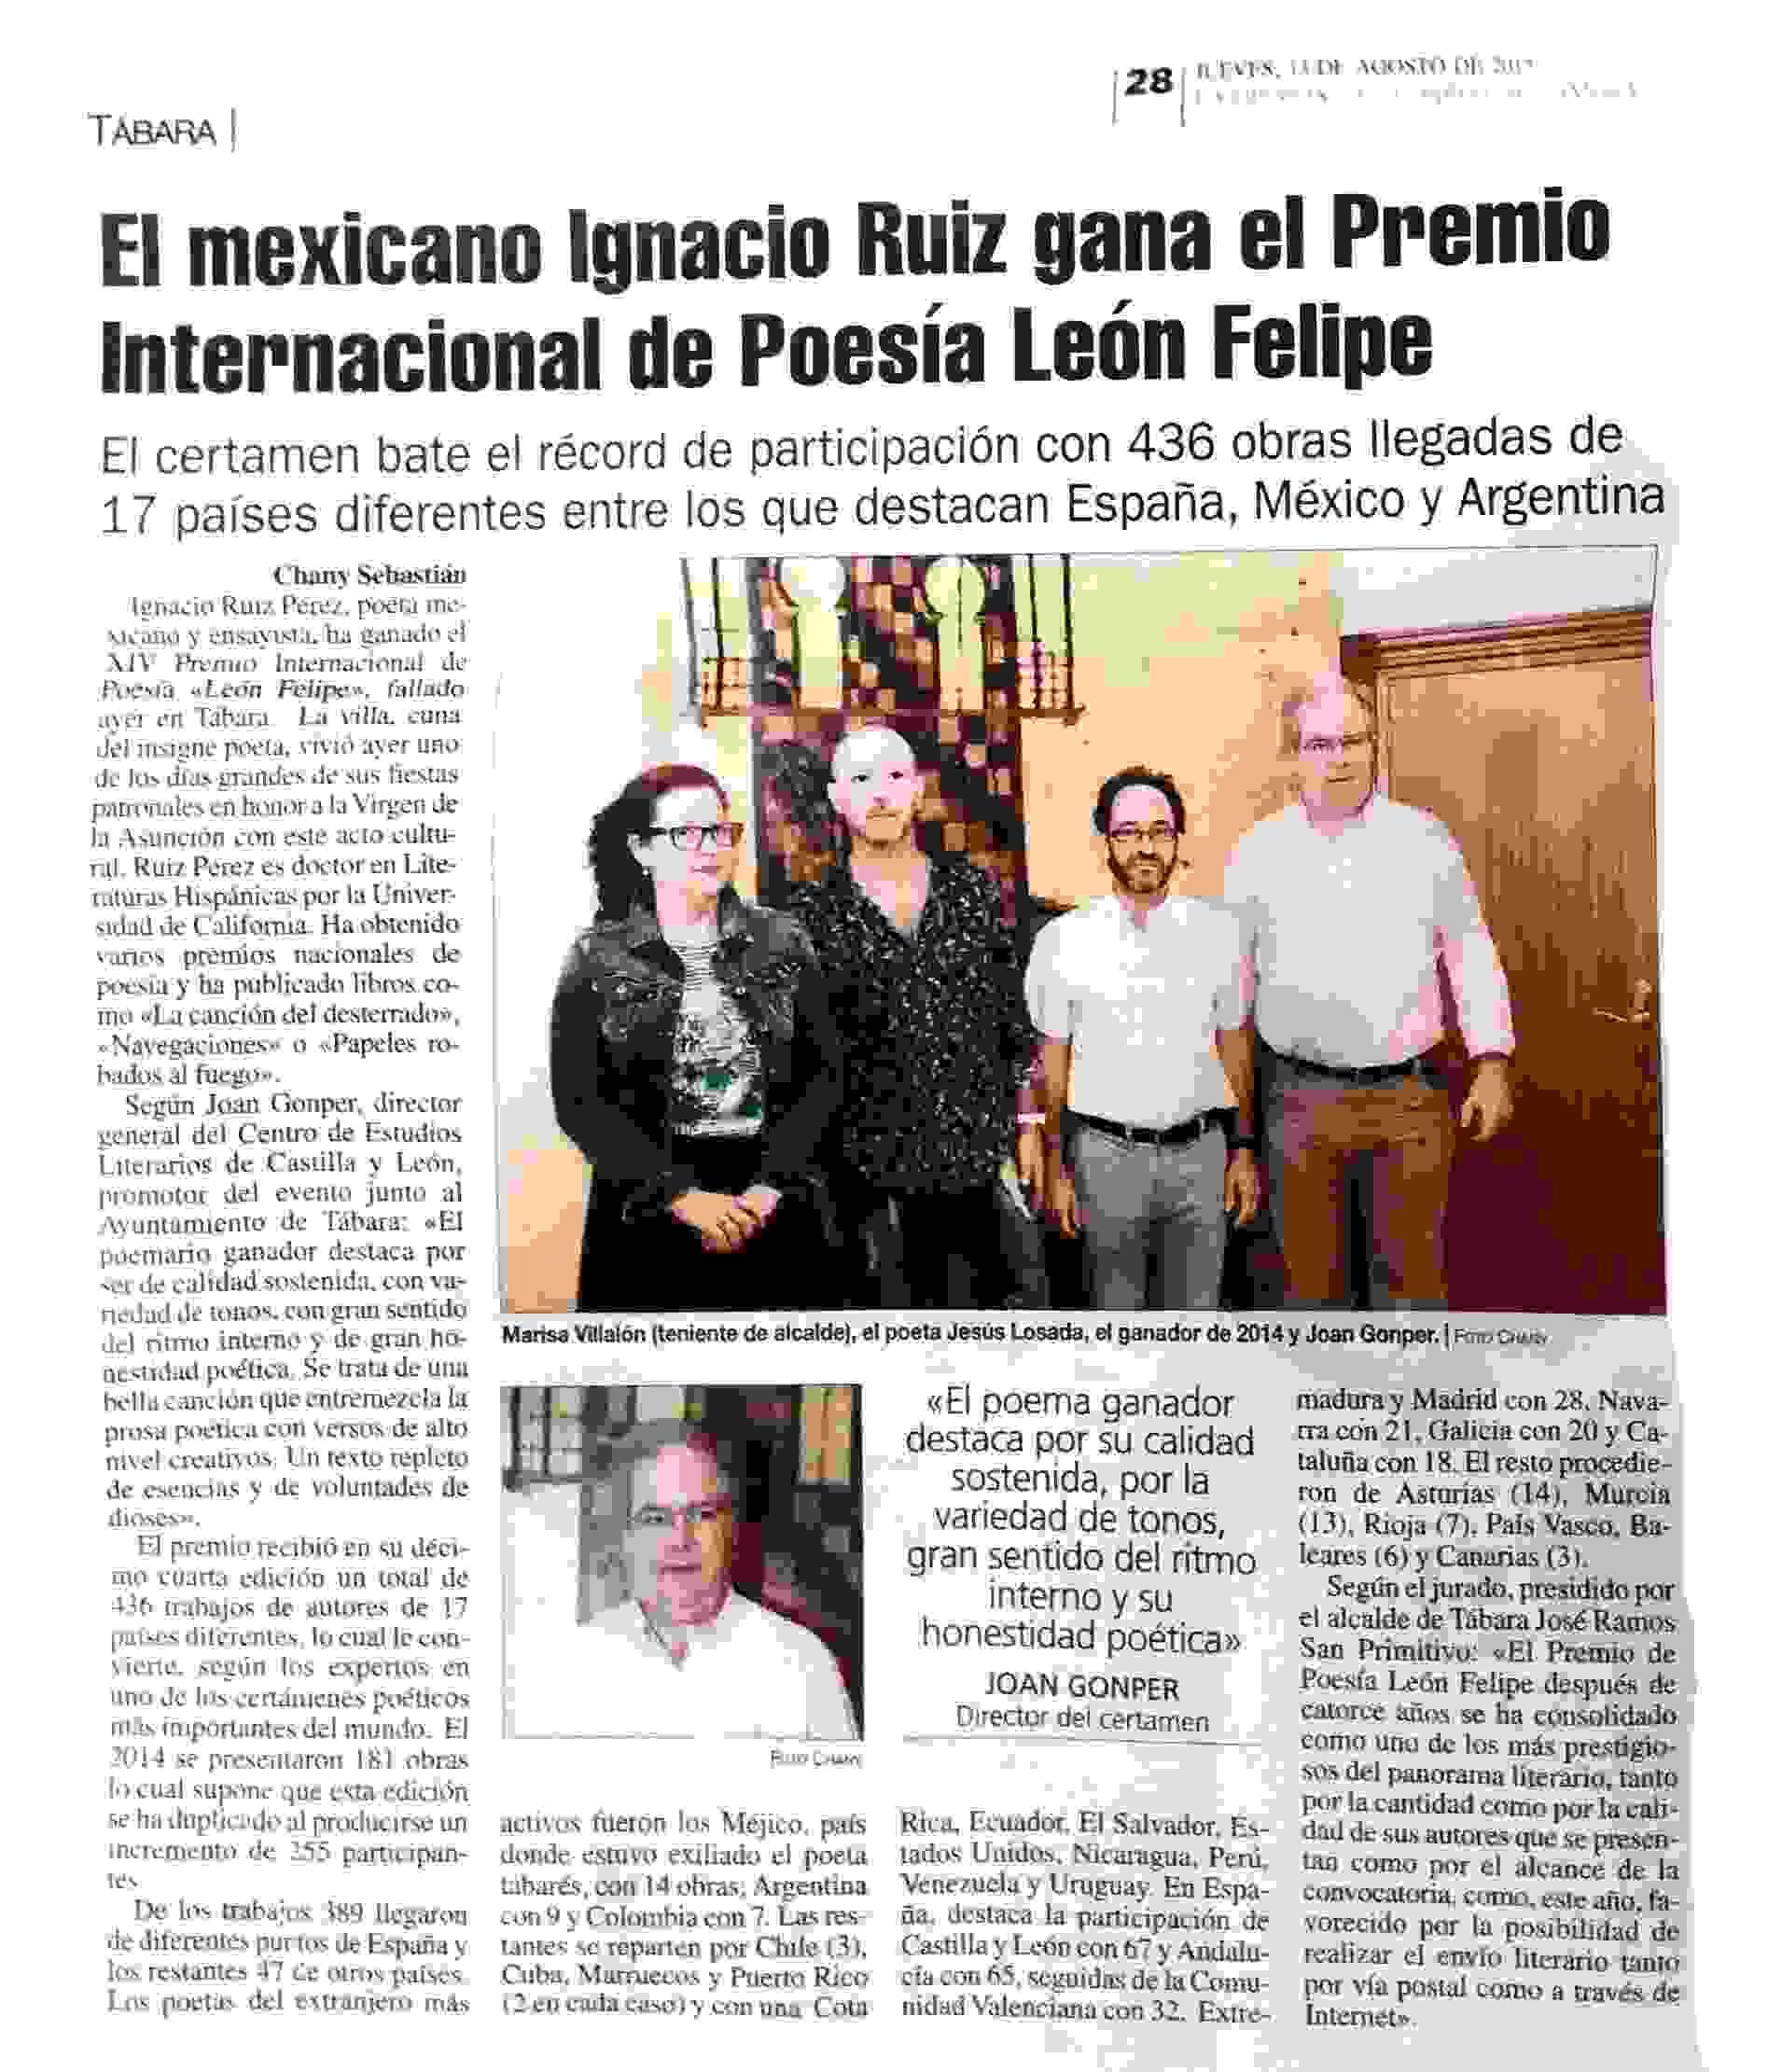 LA OPINION DE ZAMORA : XIII PREMIO DE POESIA LEON FELIPE